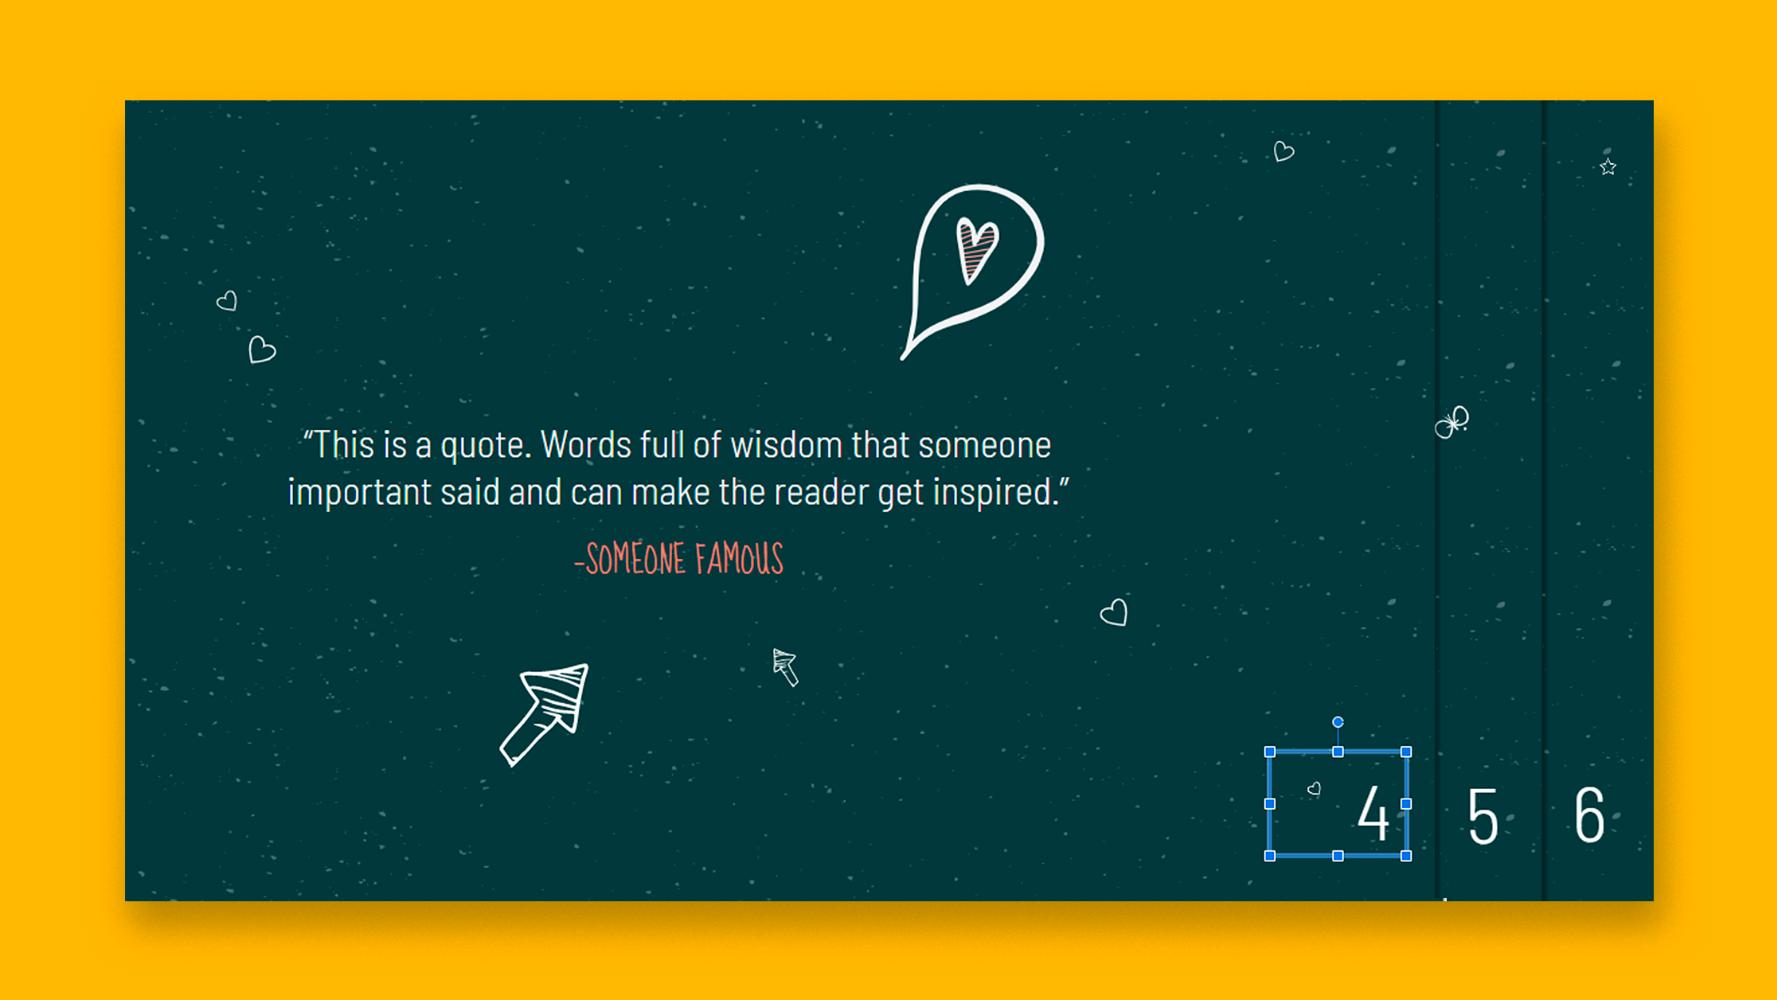 نحوه اضافه کردن شماره اسلایدها در اسلایدهای Google |  نکات سریع و آموزش برای ارائه های خود